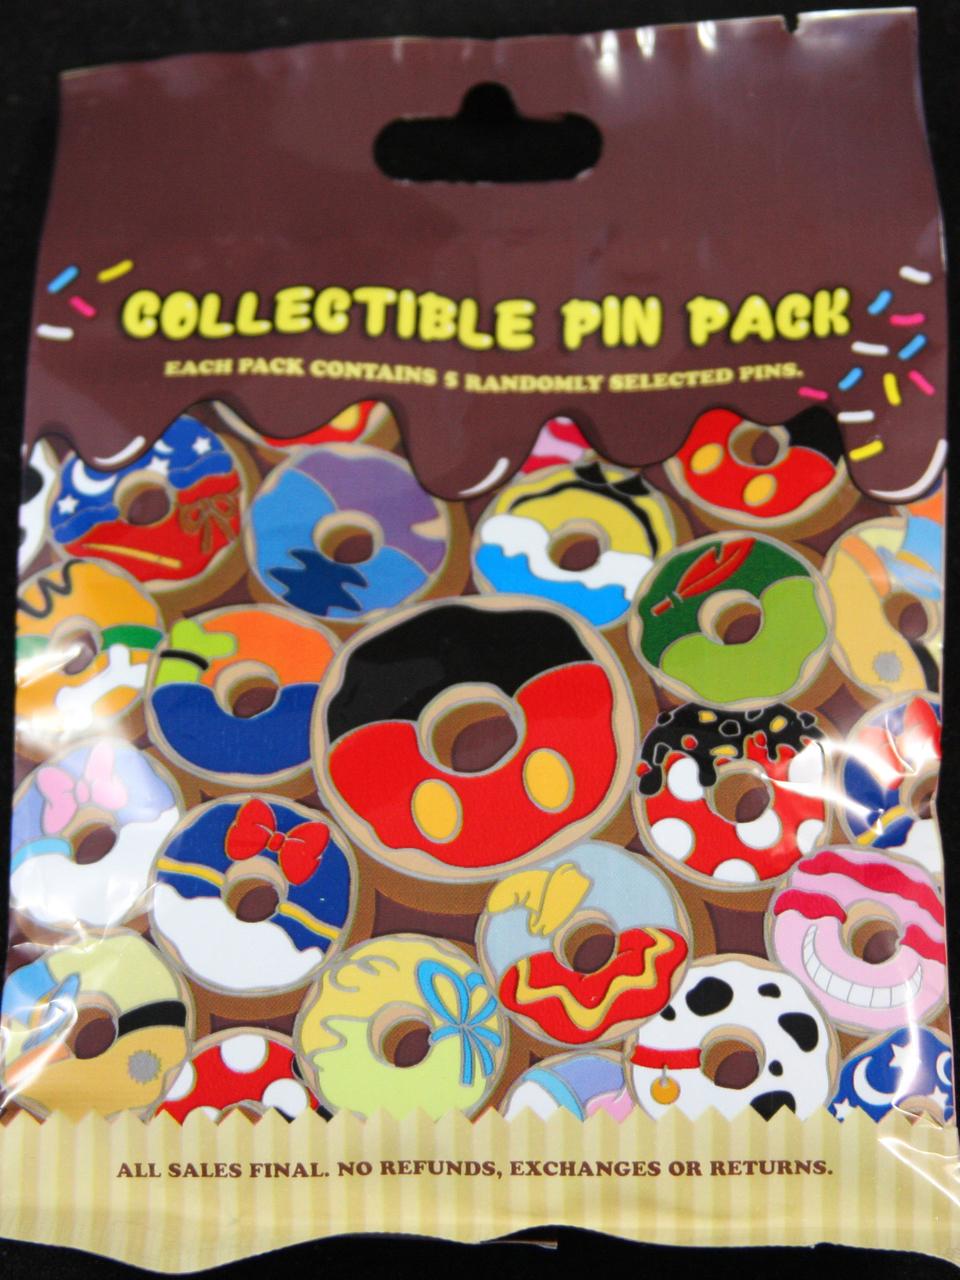 Disney Donut Design Pins 5 Pack Blind Bag